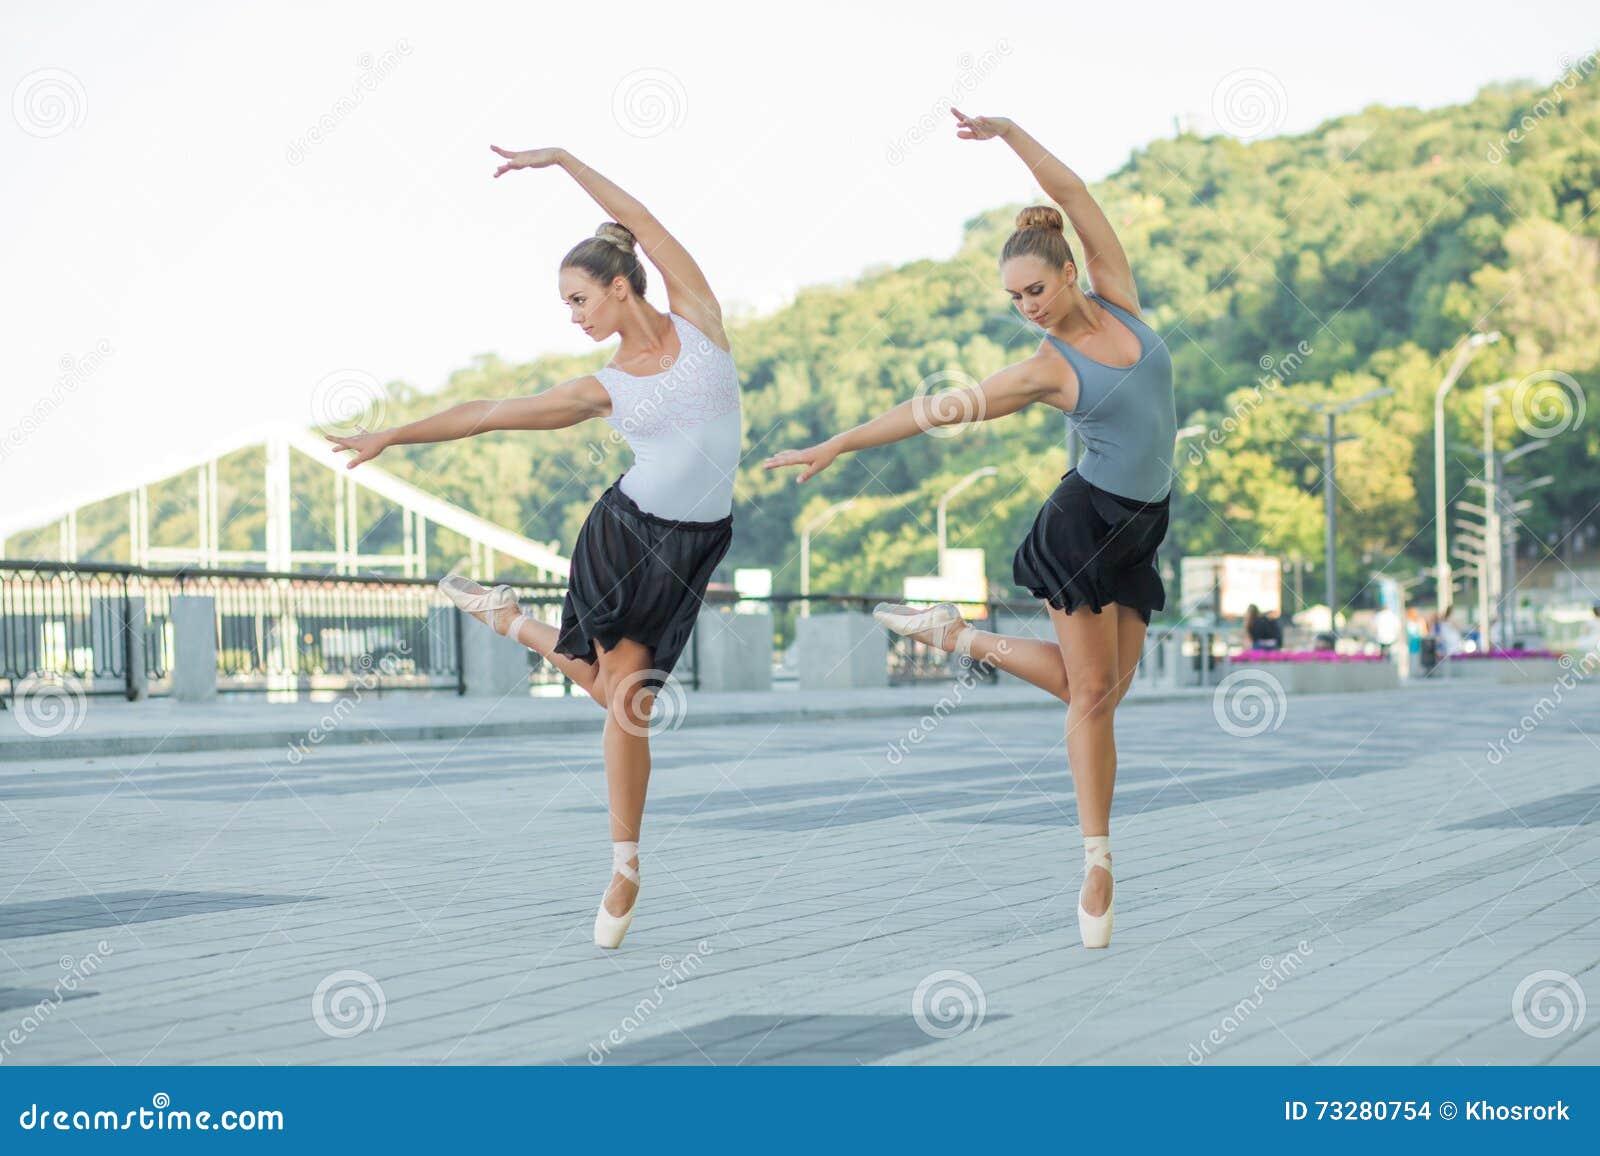 Ballett in der Stadt